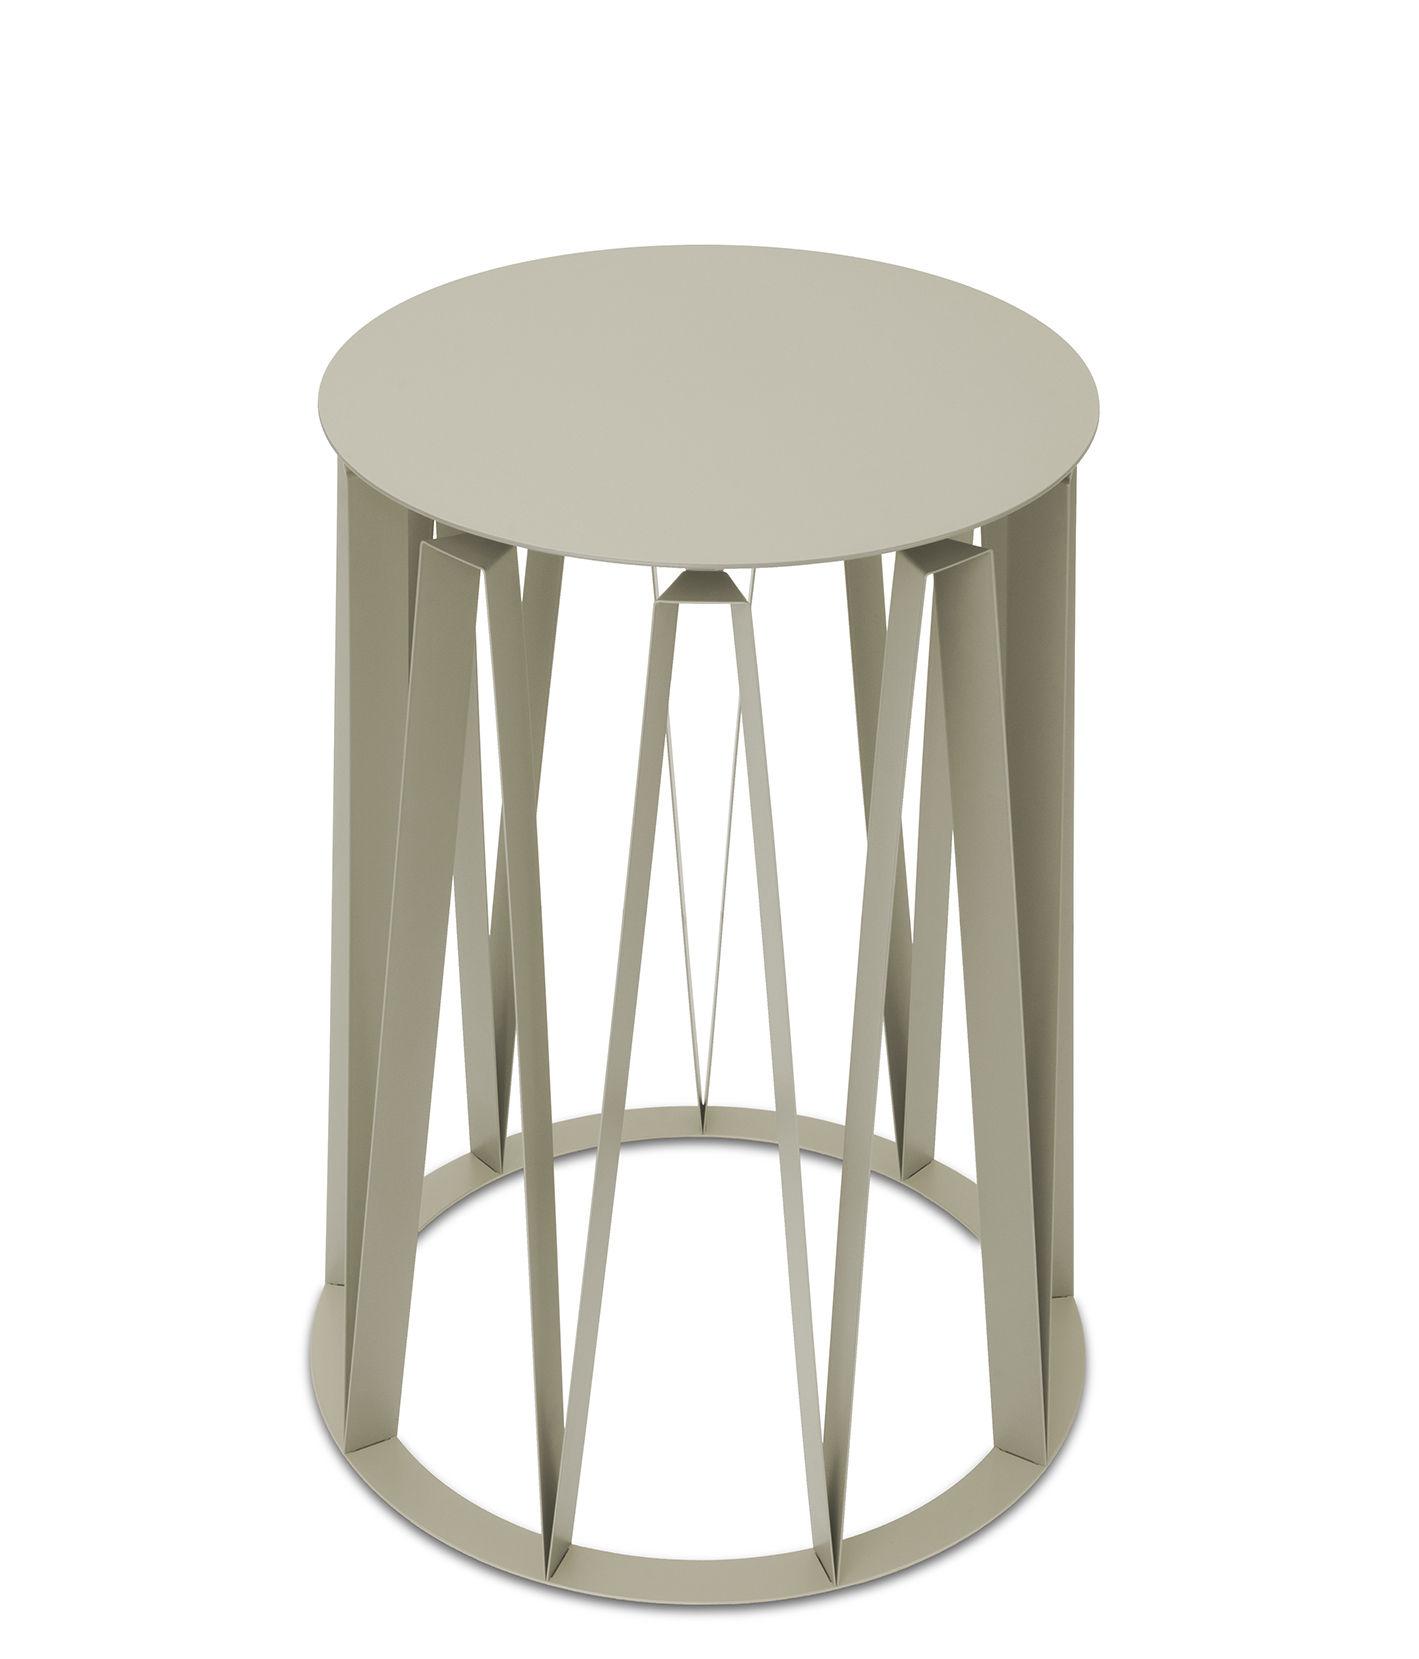 Arredamento - Tavolini  - Tavolino d'appoggio Achille - / Ø 45 x H 58 cm - Metallo di Presse citron - Mastice - Lamiera in acciaio laccato